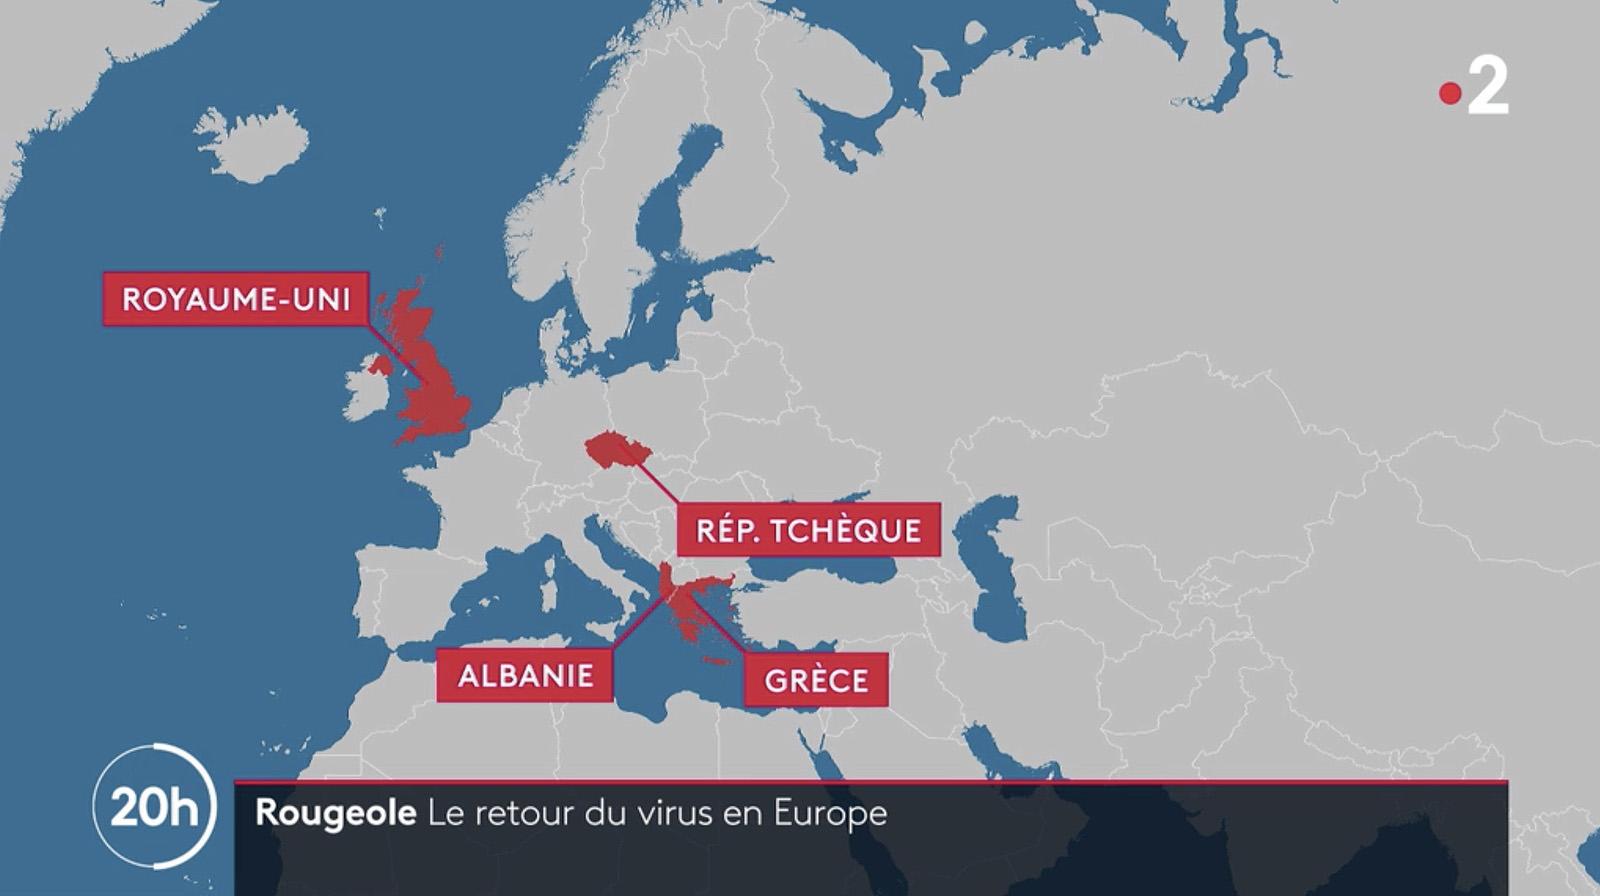 NCS_Journal Télévisé de France 2_012